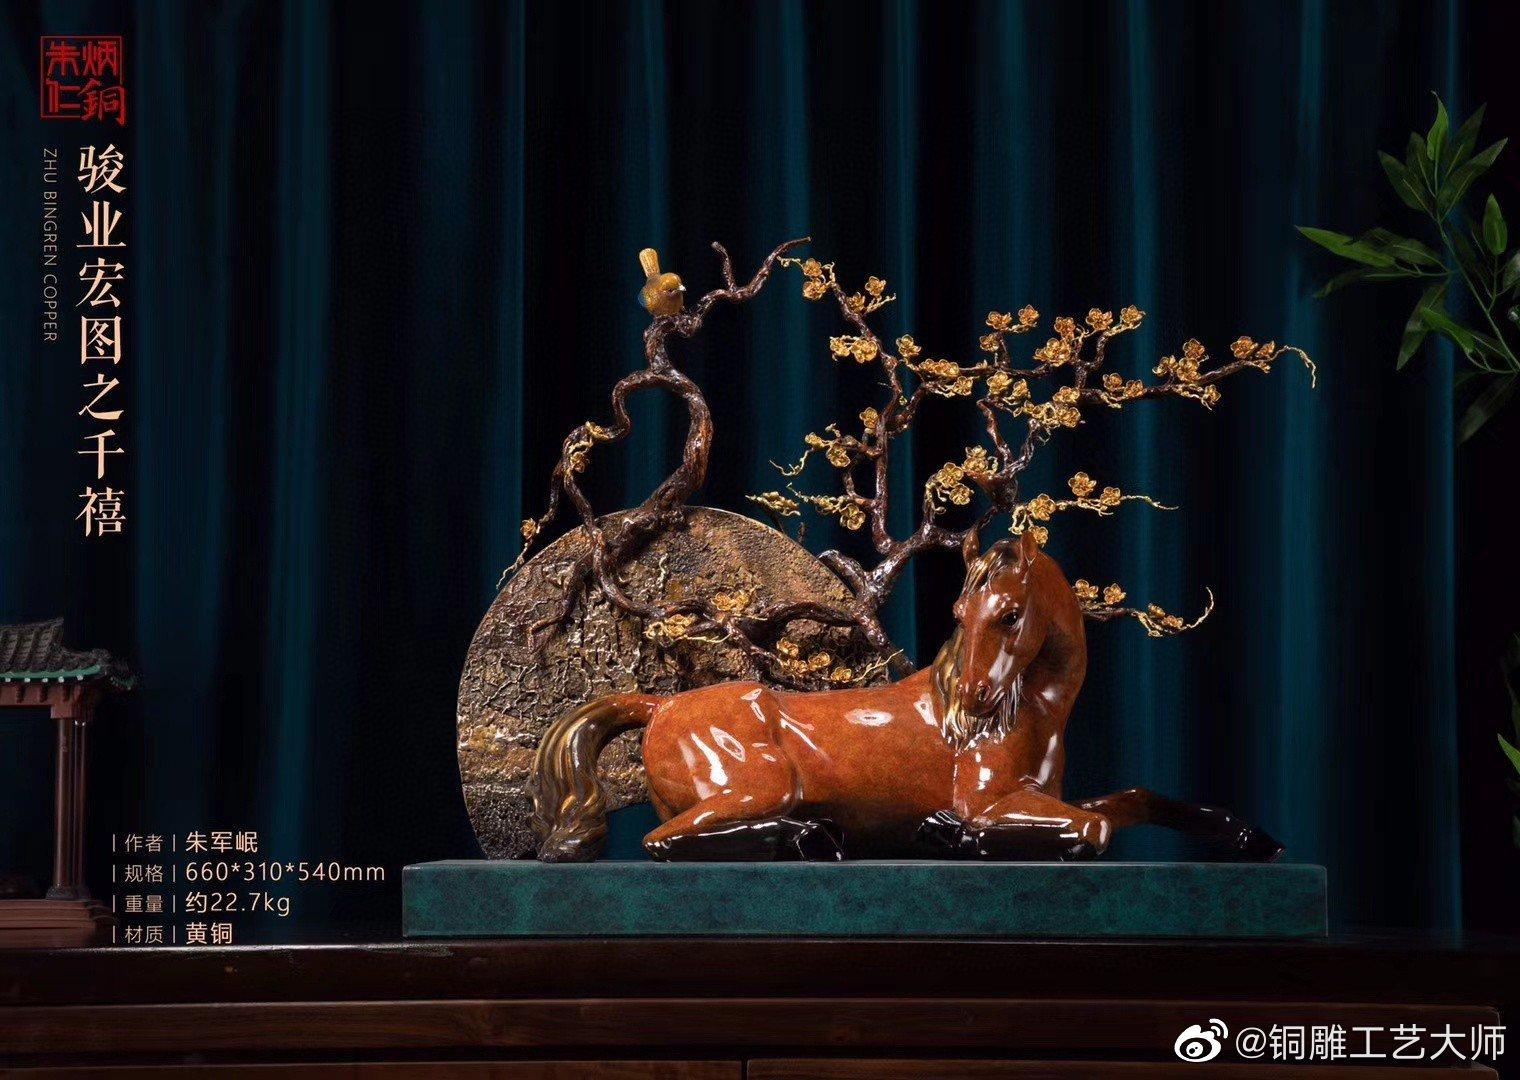 浙江省工艺美术大师朱军岷最新熔铜作品骏业宏图系列